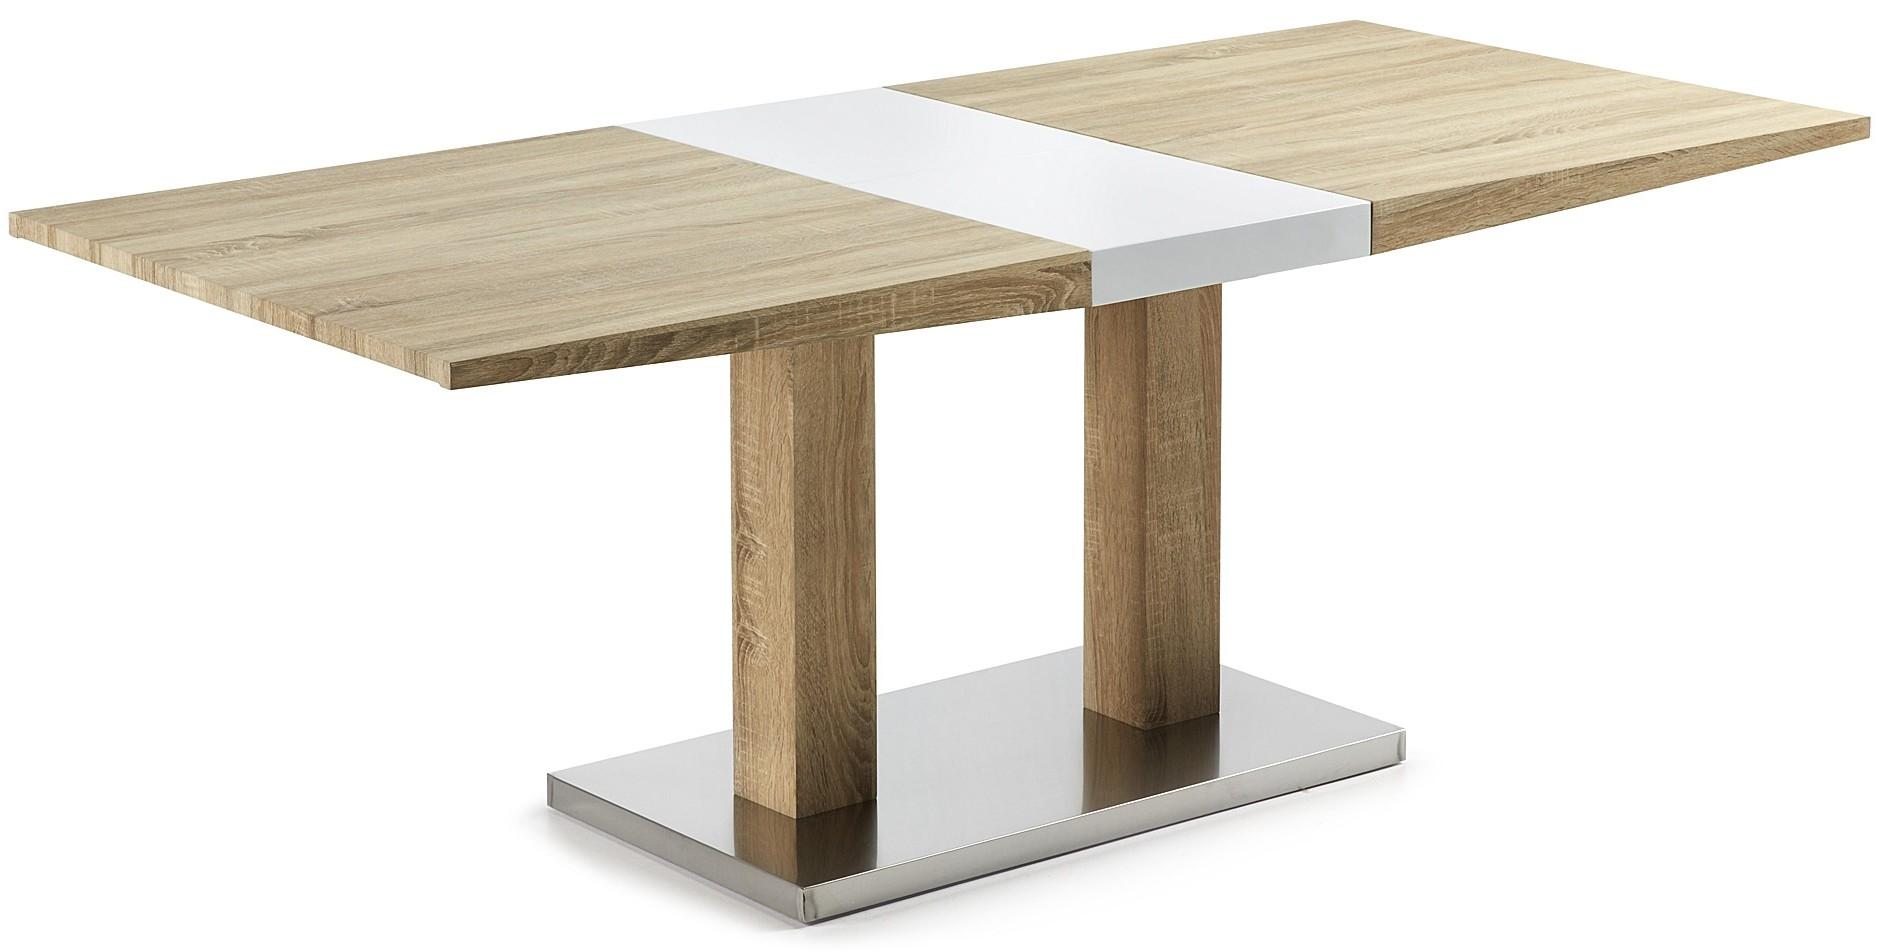 Laforma uitschuifbare tafel zentosa 160230 x 90 cm wit for Eckcouch 200 x 160